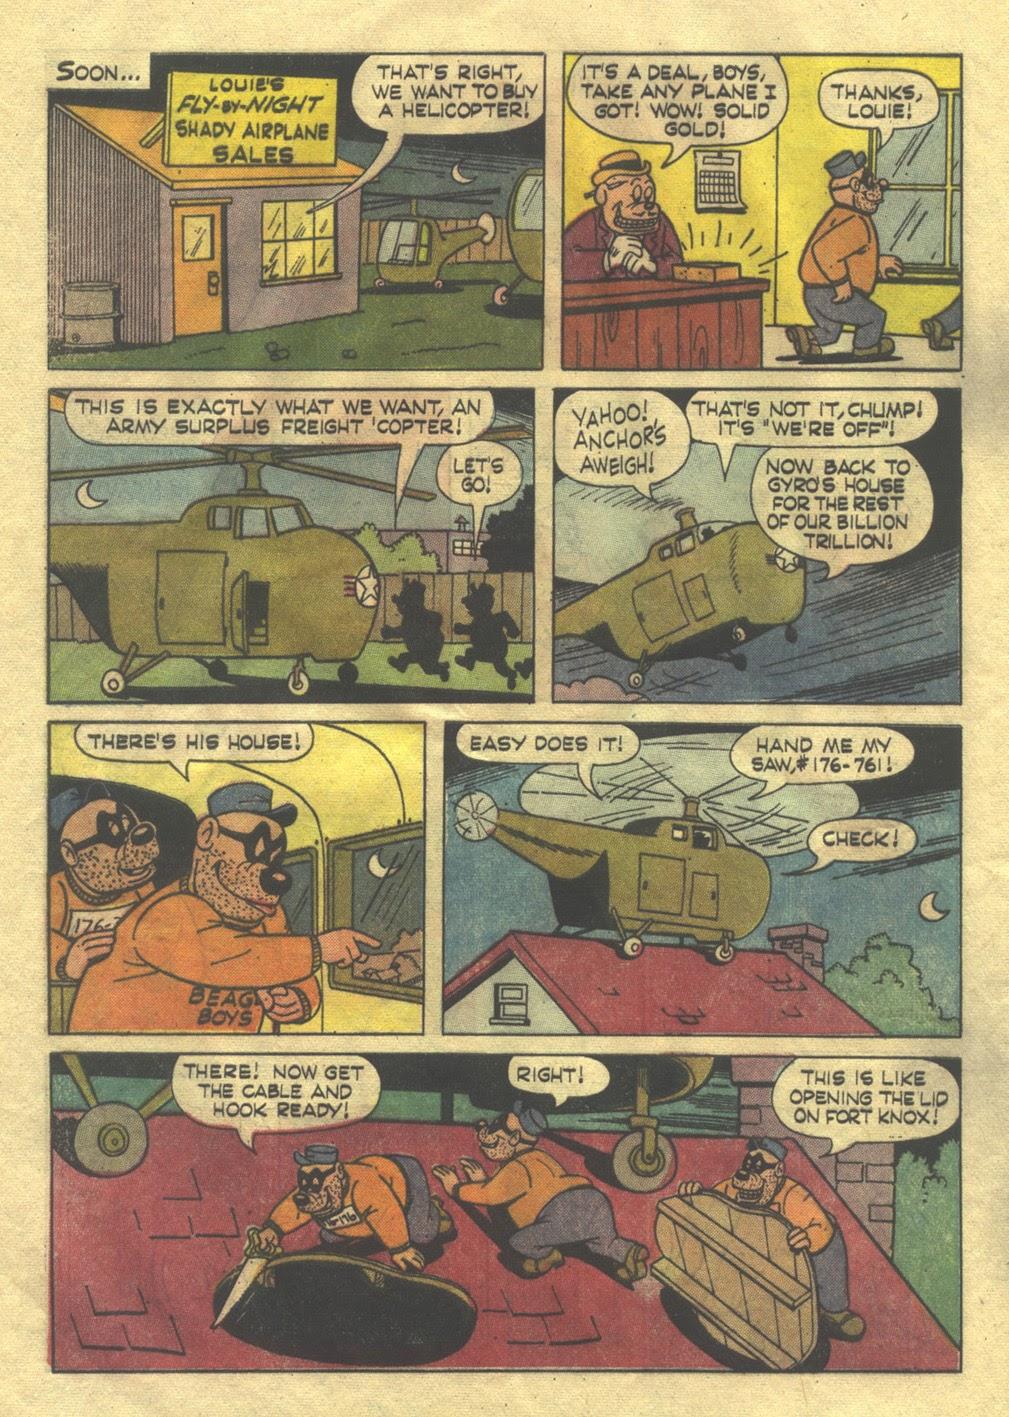 Walt Disney THE BEAGLE BOYS issue 2 - Page 28